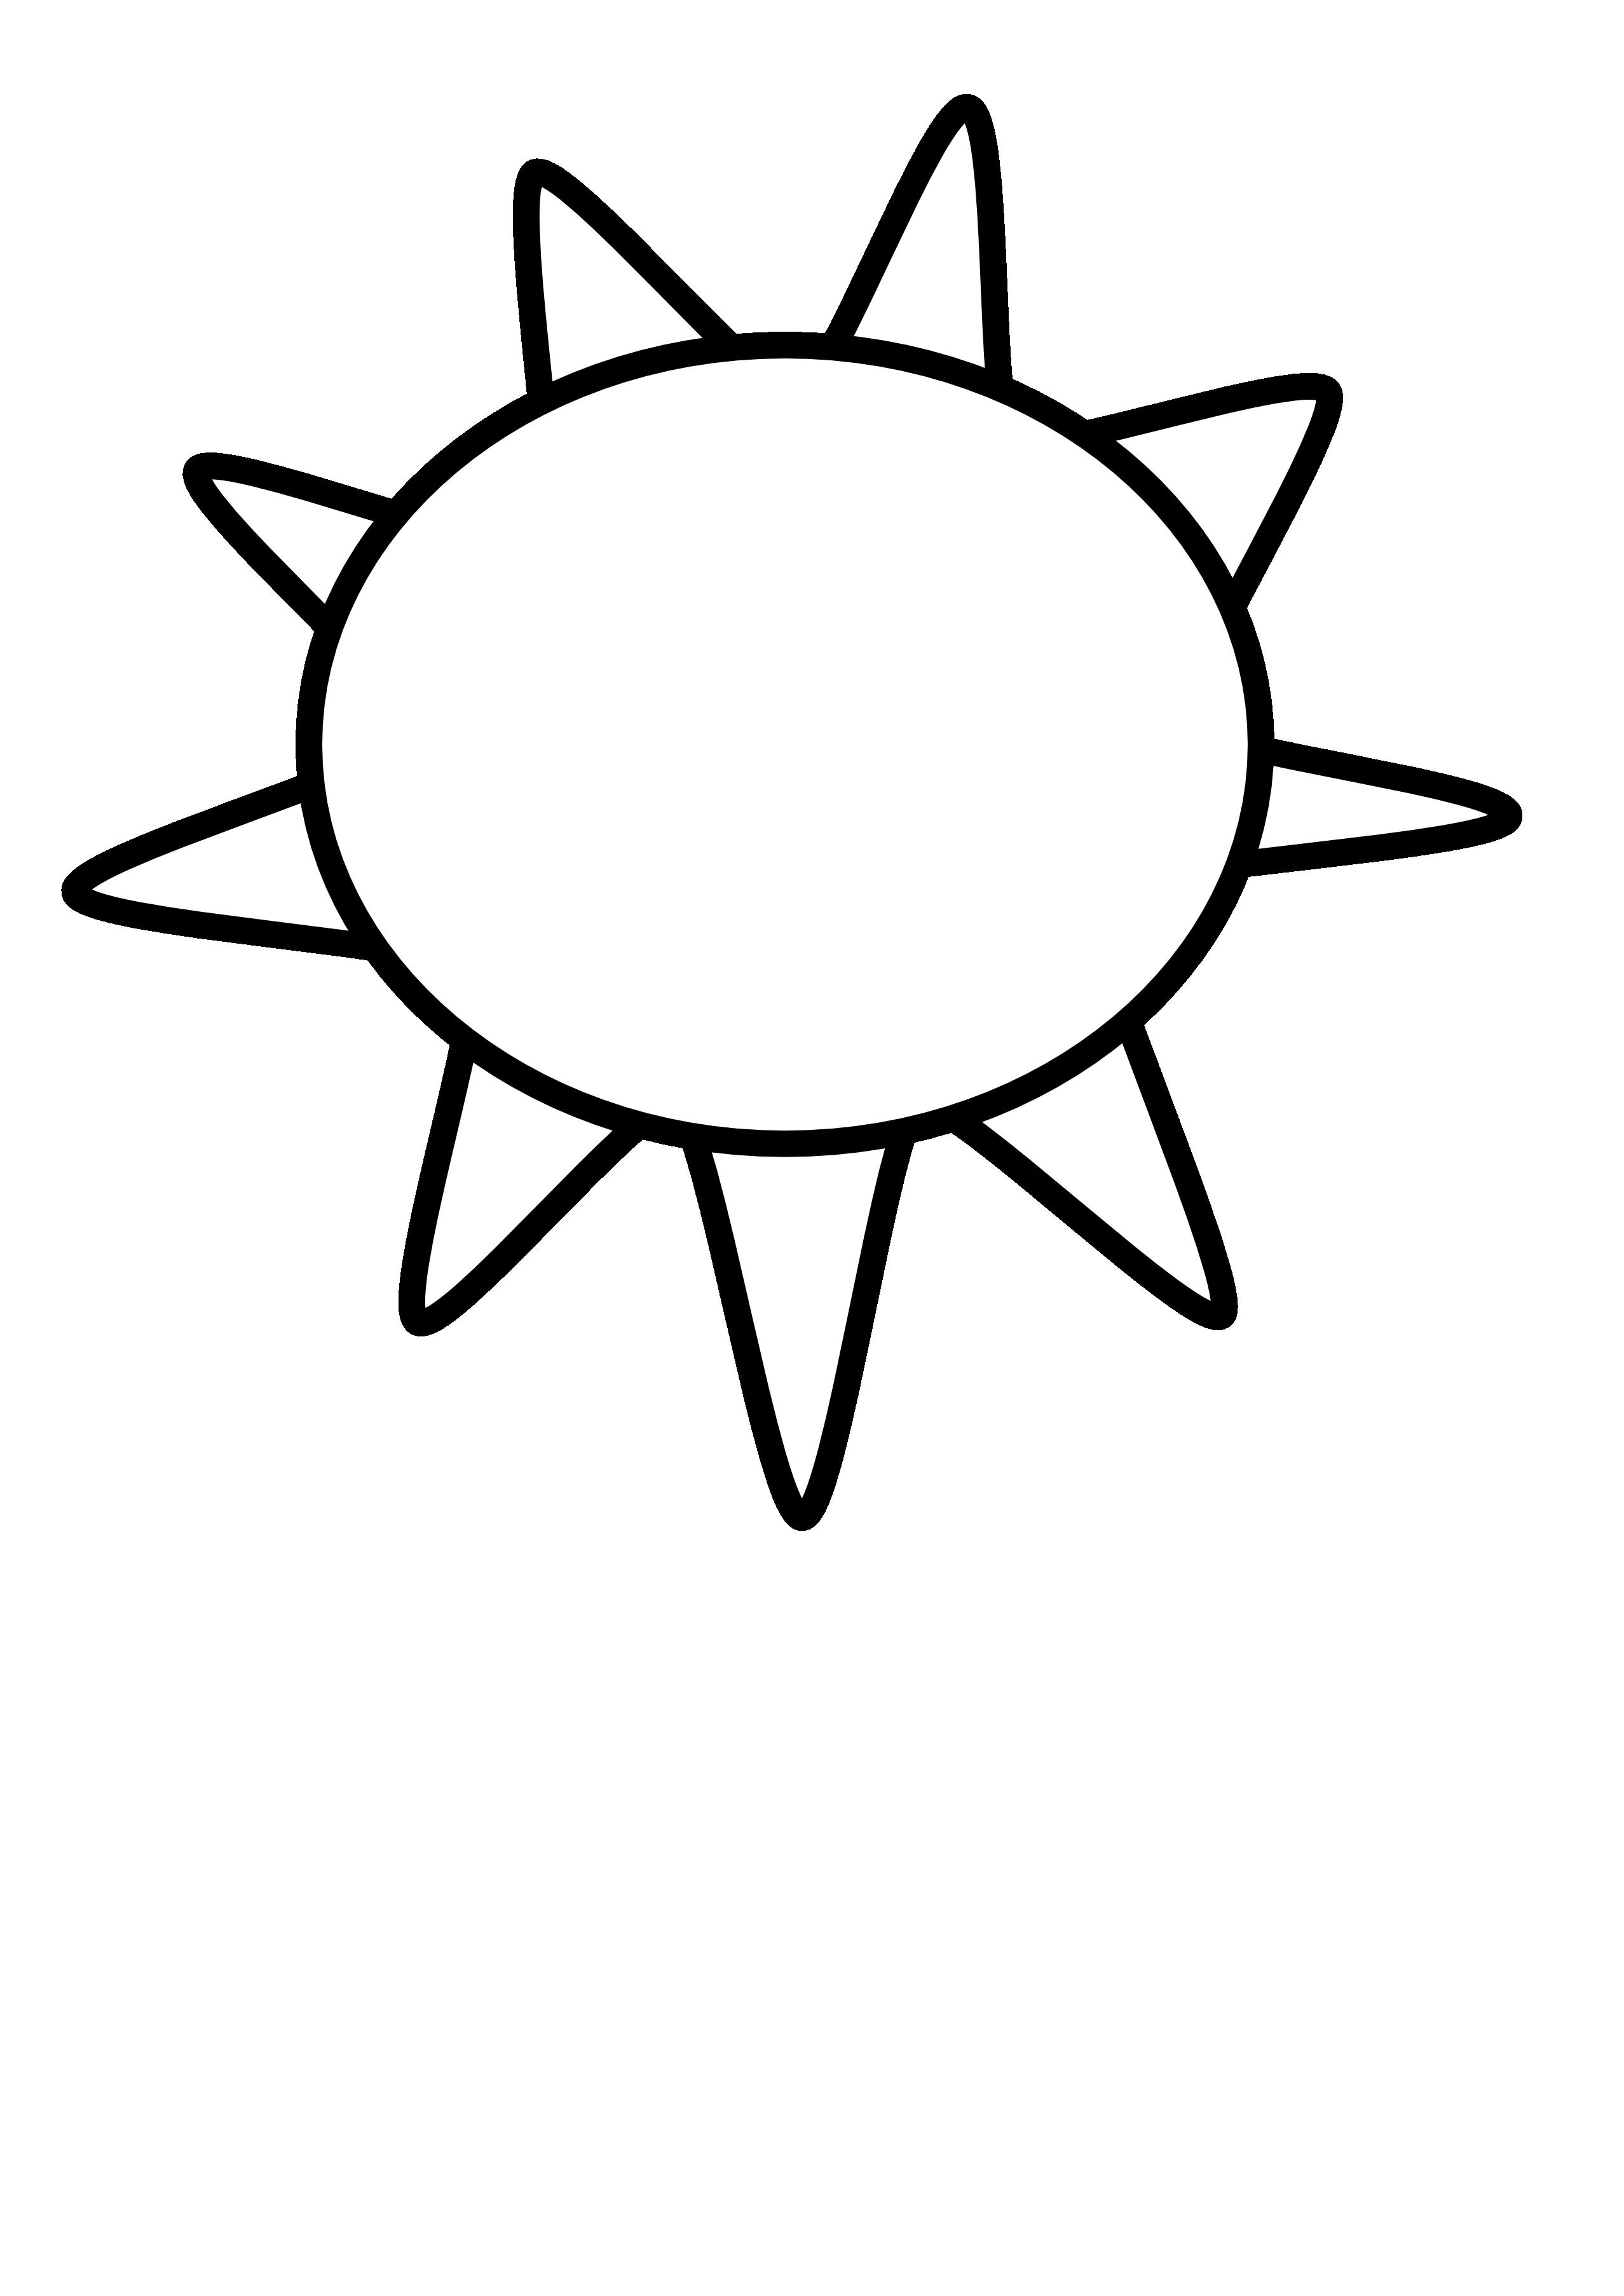 Black And White Sun Clipart - Cliparts.co